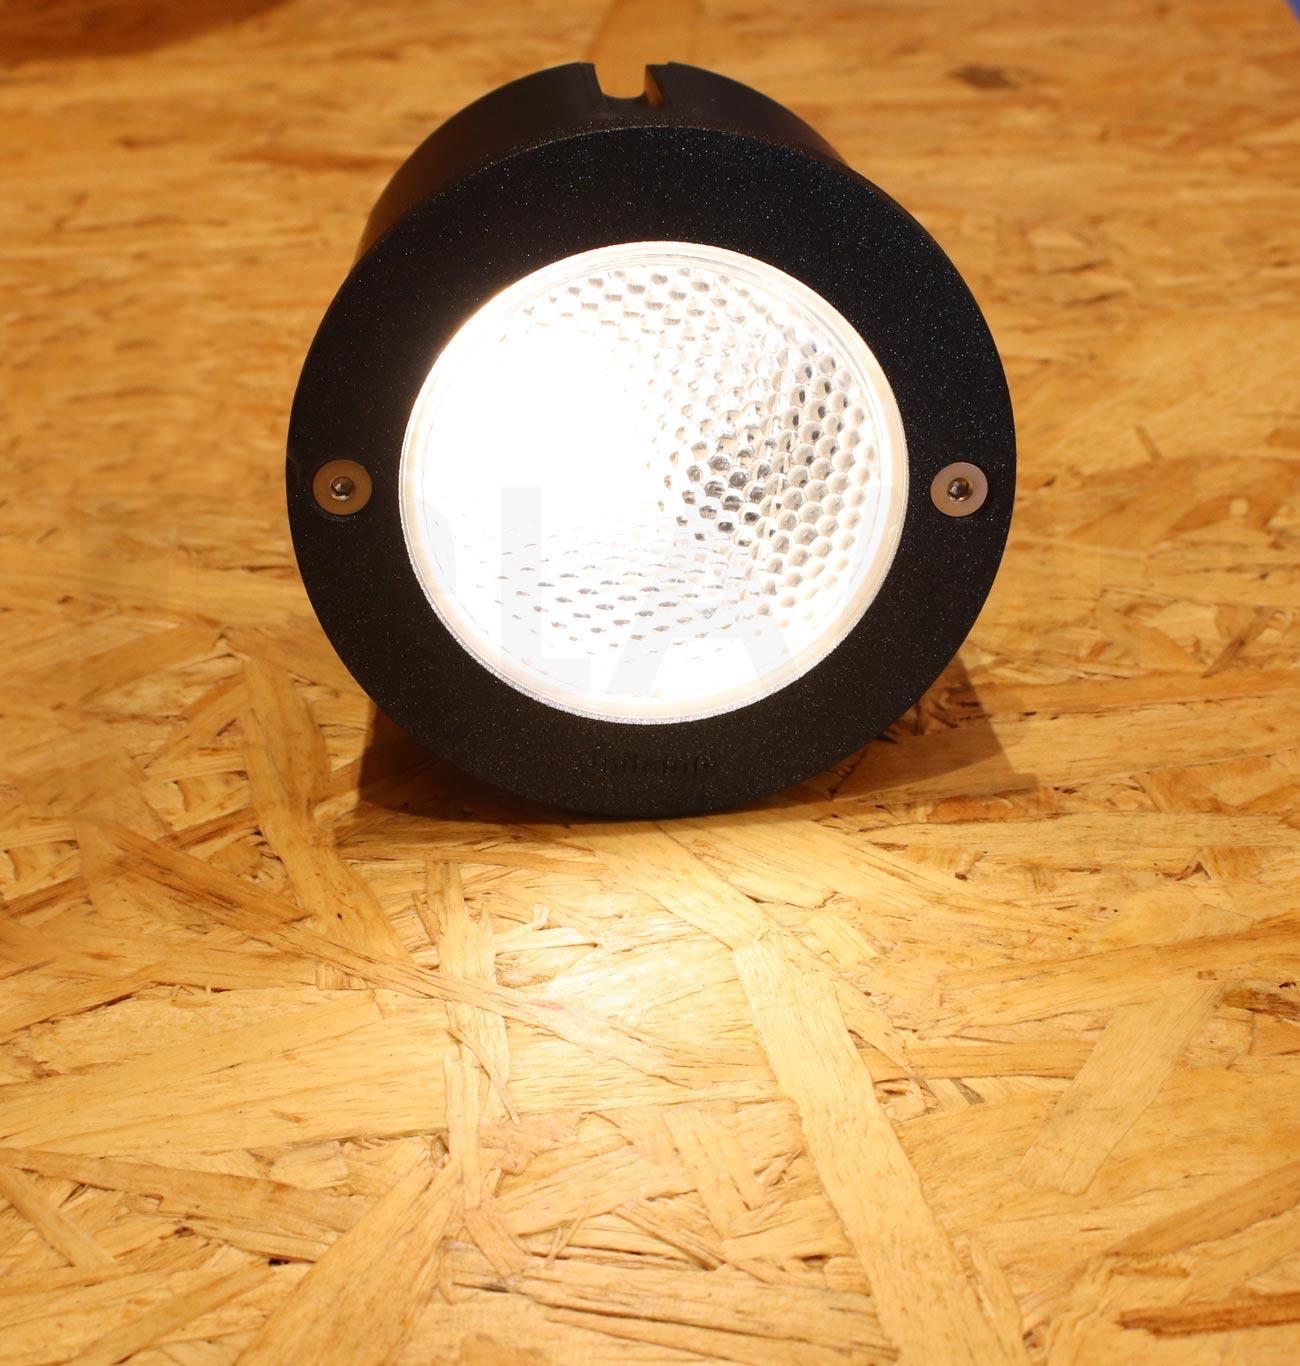 โคมไฟฝังผนัง Step Light โคมไฟภายนอก โคมไฟติดผนัง DOT-ROUND-BLACK